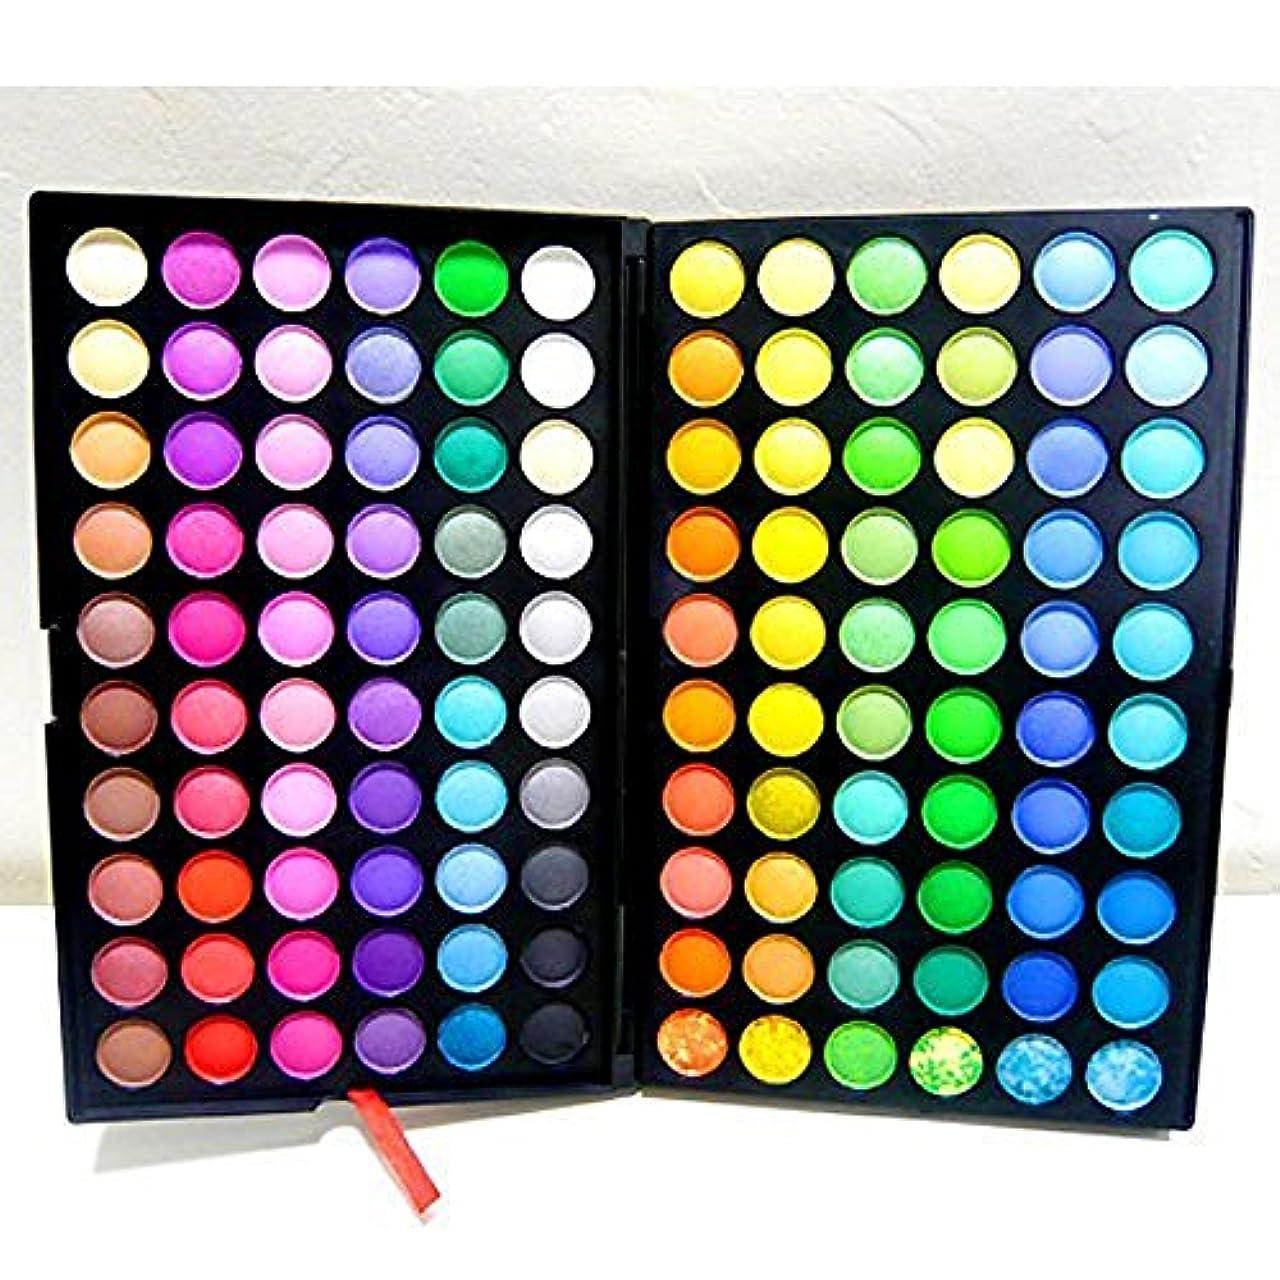 一時停止ドメインうれしい入荷しました【LuxuryRose】発色が素晴らしい!120カラーアイシャドウパレット